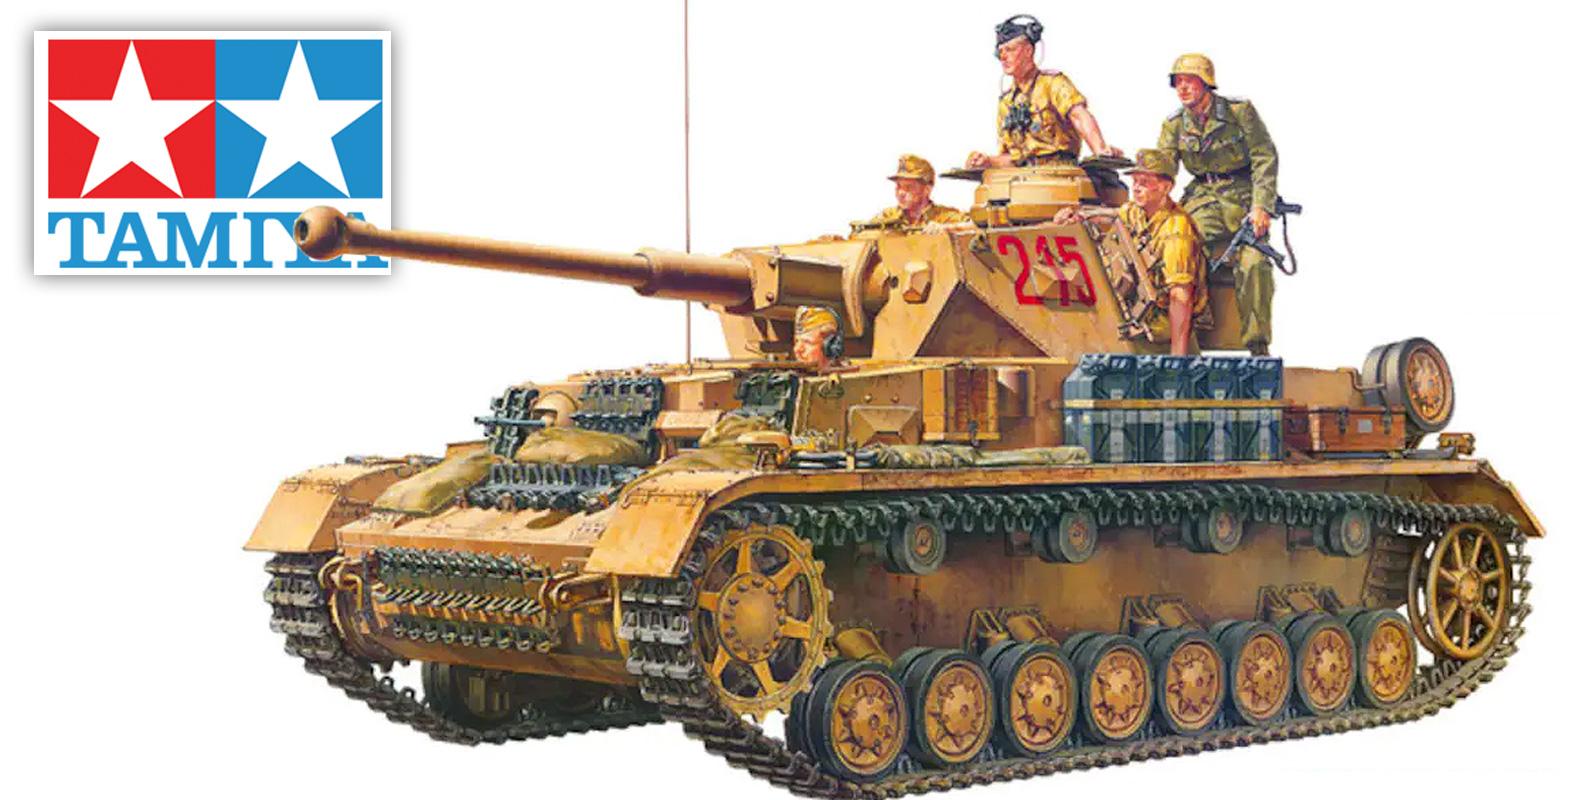 tamiya military tanks 07.14.21